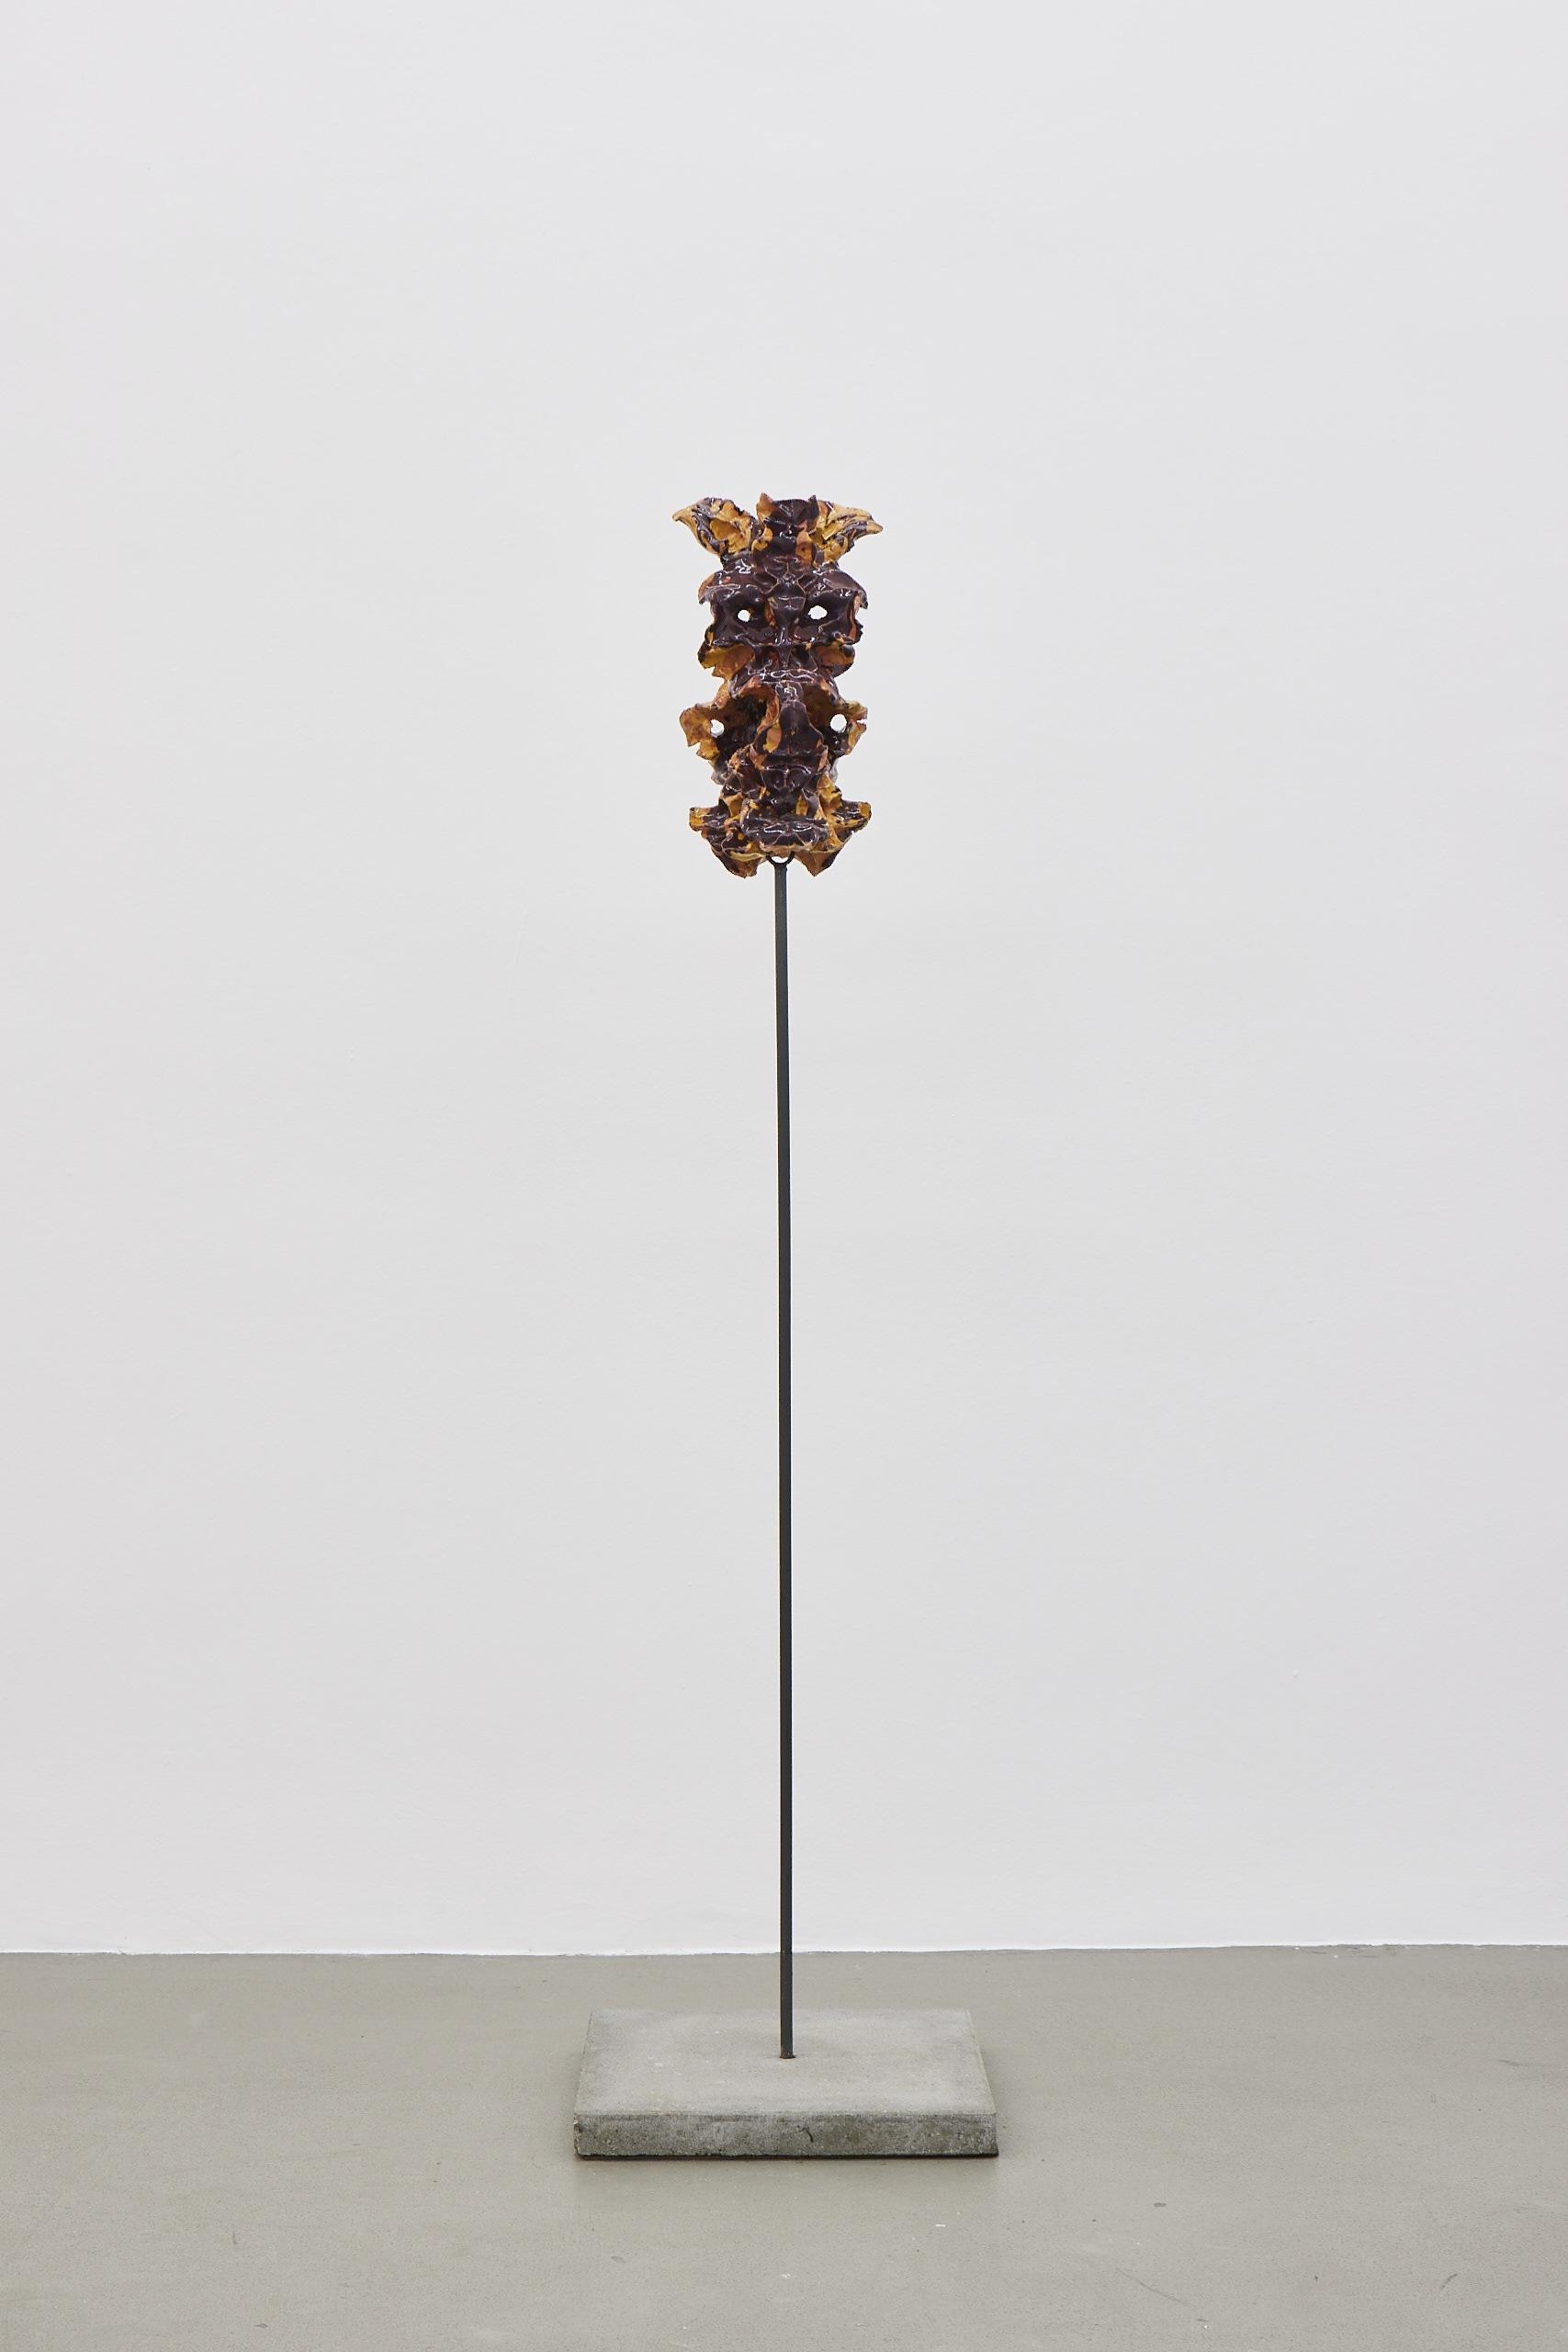 Moritz Altmann, nir, 2017, glazed ceramic, 39 x 22ø cm